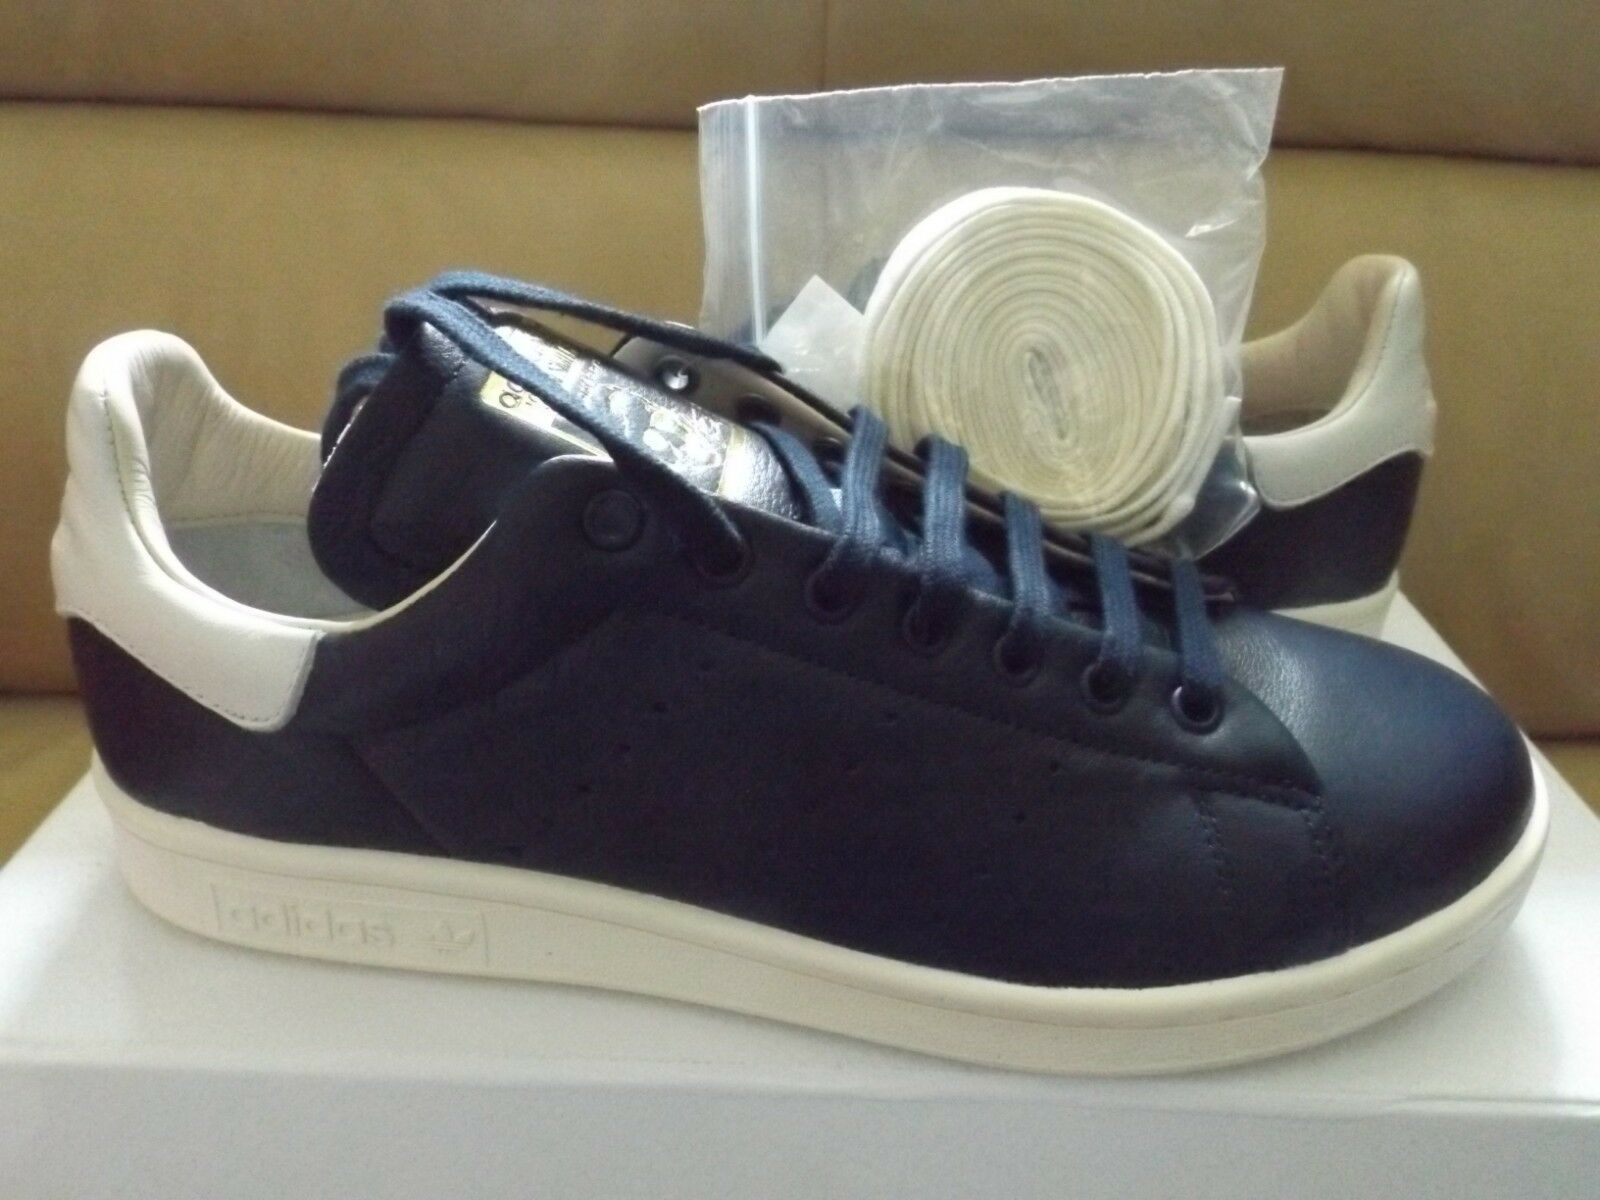 Adidas originali stan smith scarpe ricognizione uomo numero 7 scarpe smith college della marina cq3034 / bianco 780a18